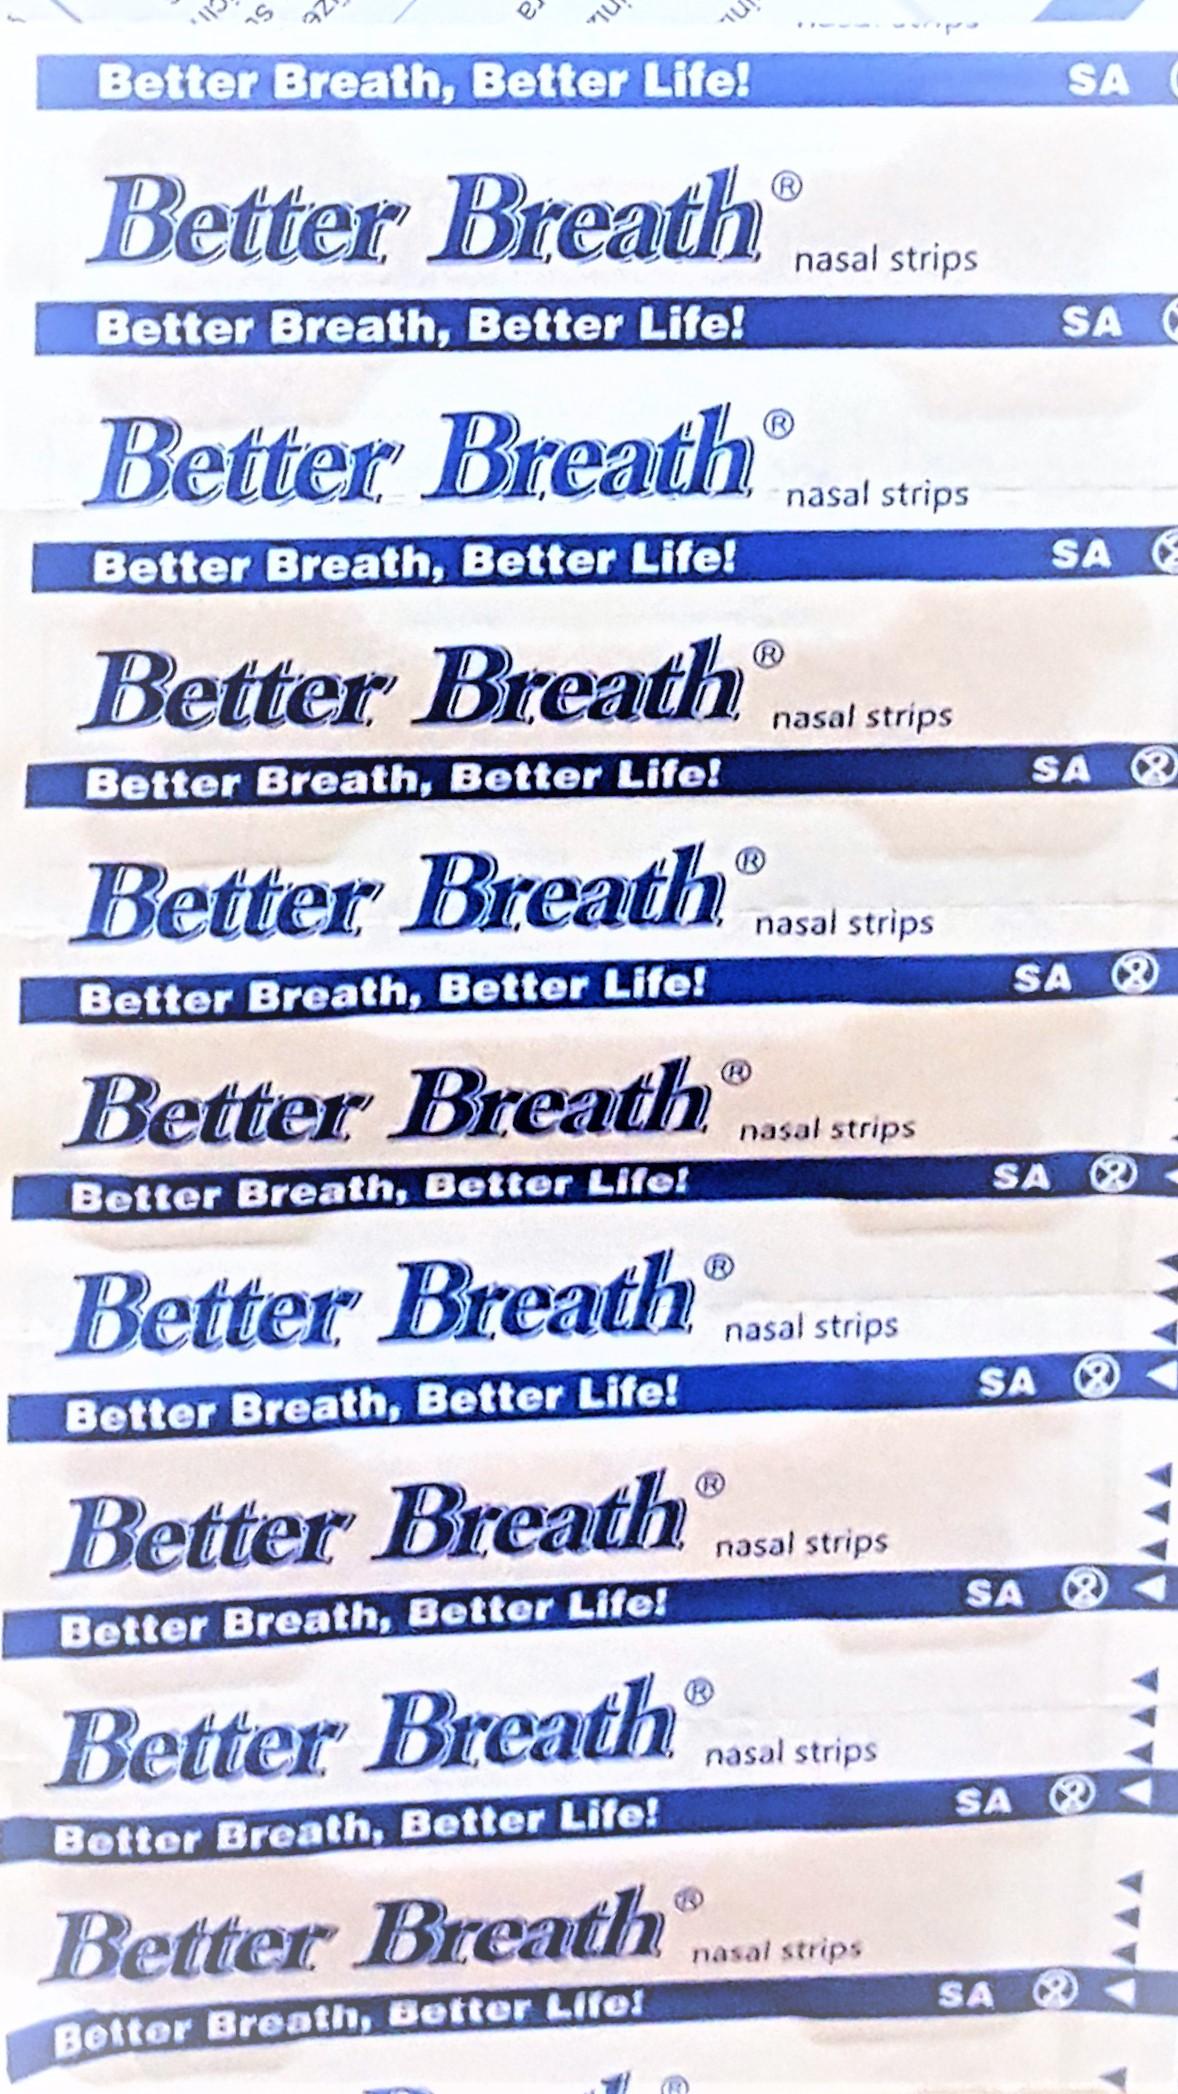 Pufai Breathe Fresh Burun Bandı Horlama Azaltır Large 10 Adet